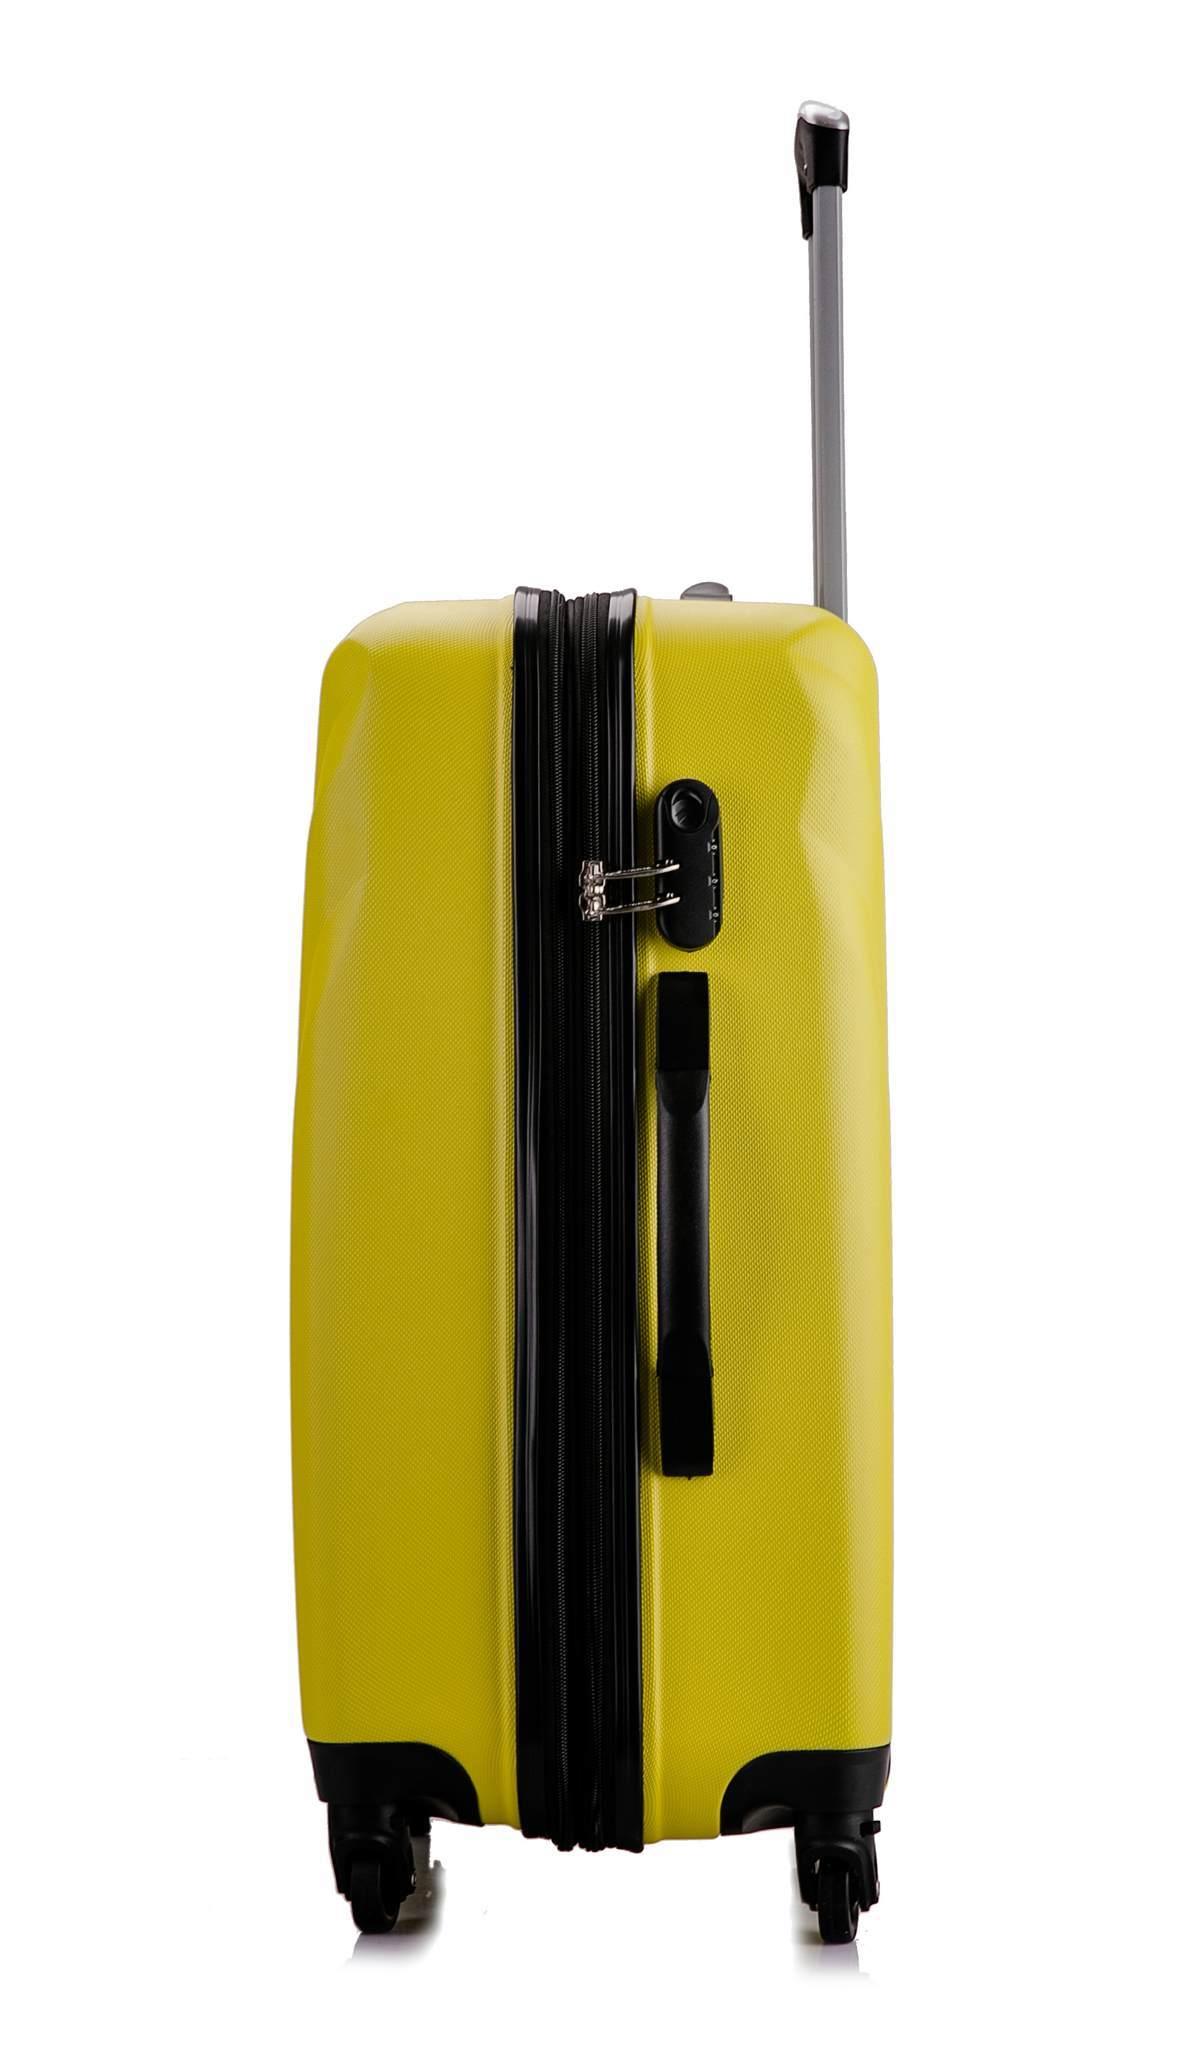 Чемодан с расширением L'case Phuket-20 Желтый ручная кладь (S)